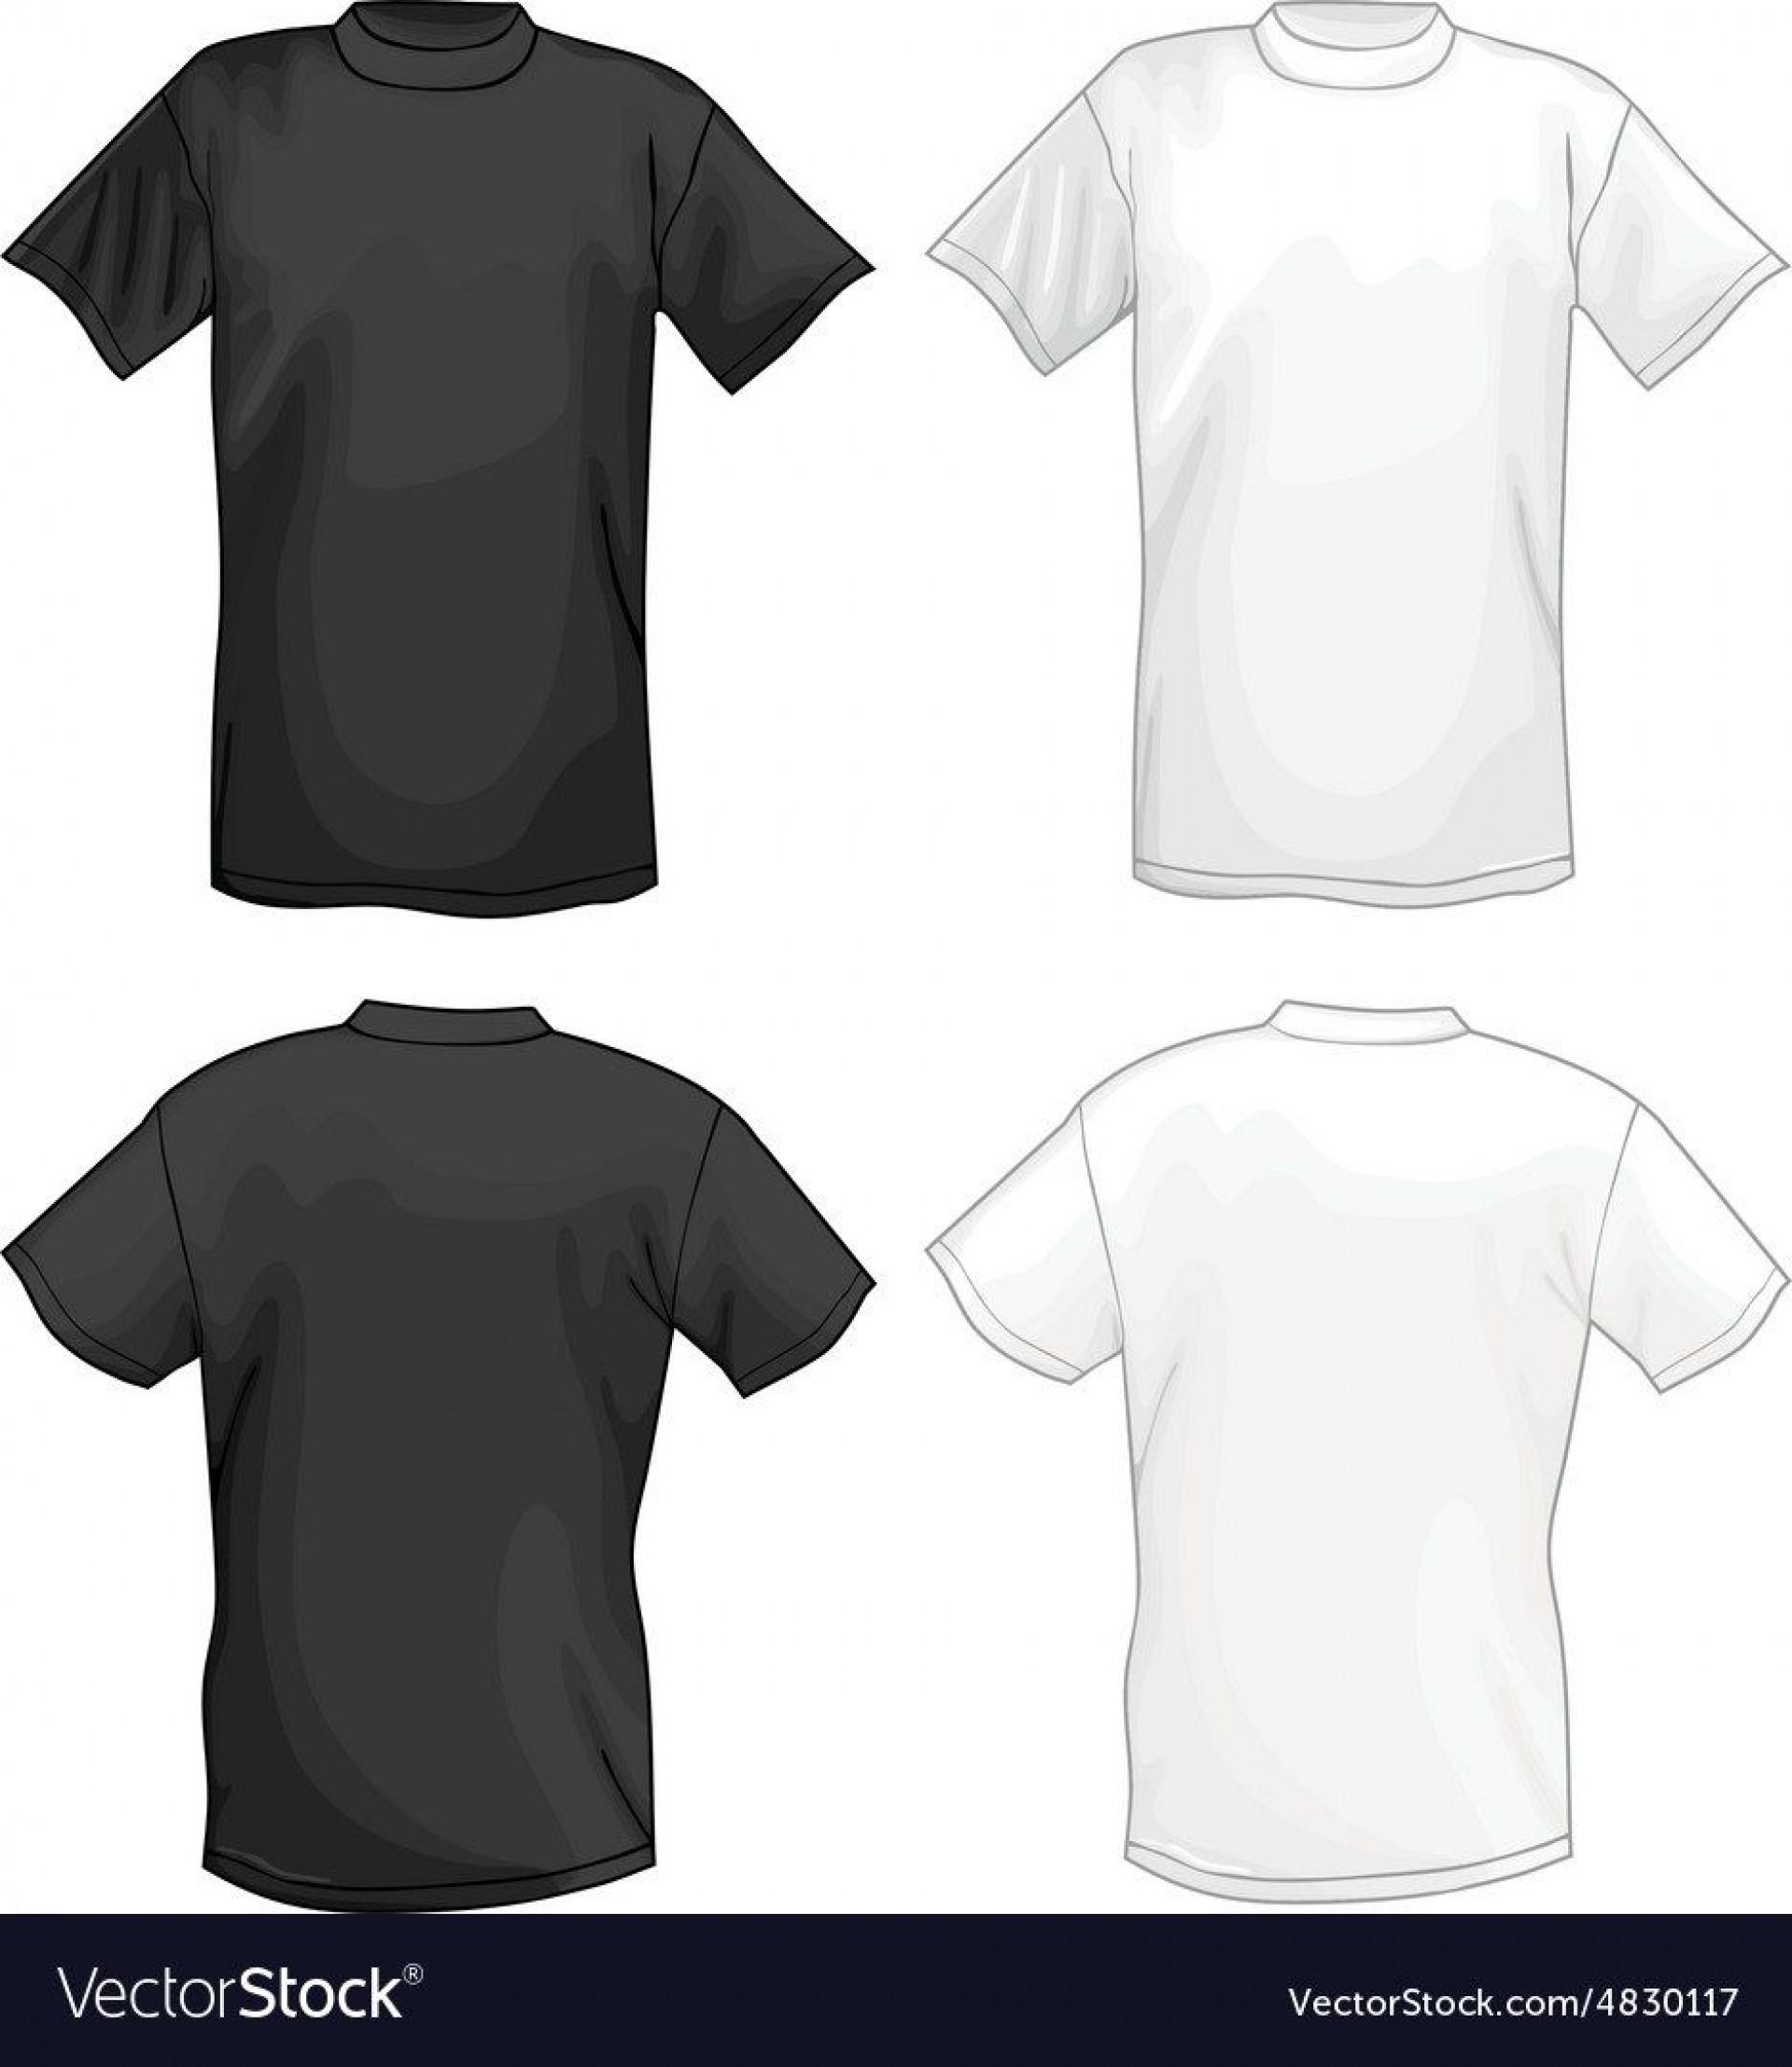 009 Top Tee Shirt Design Template Ai 1920